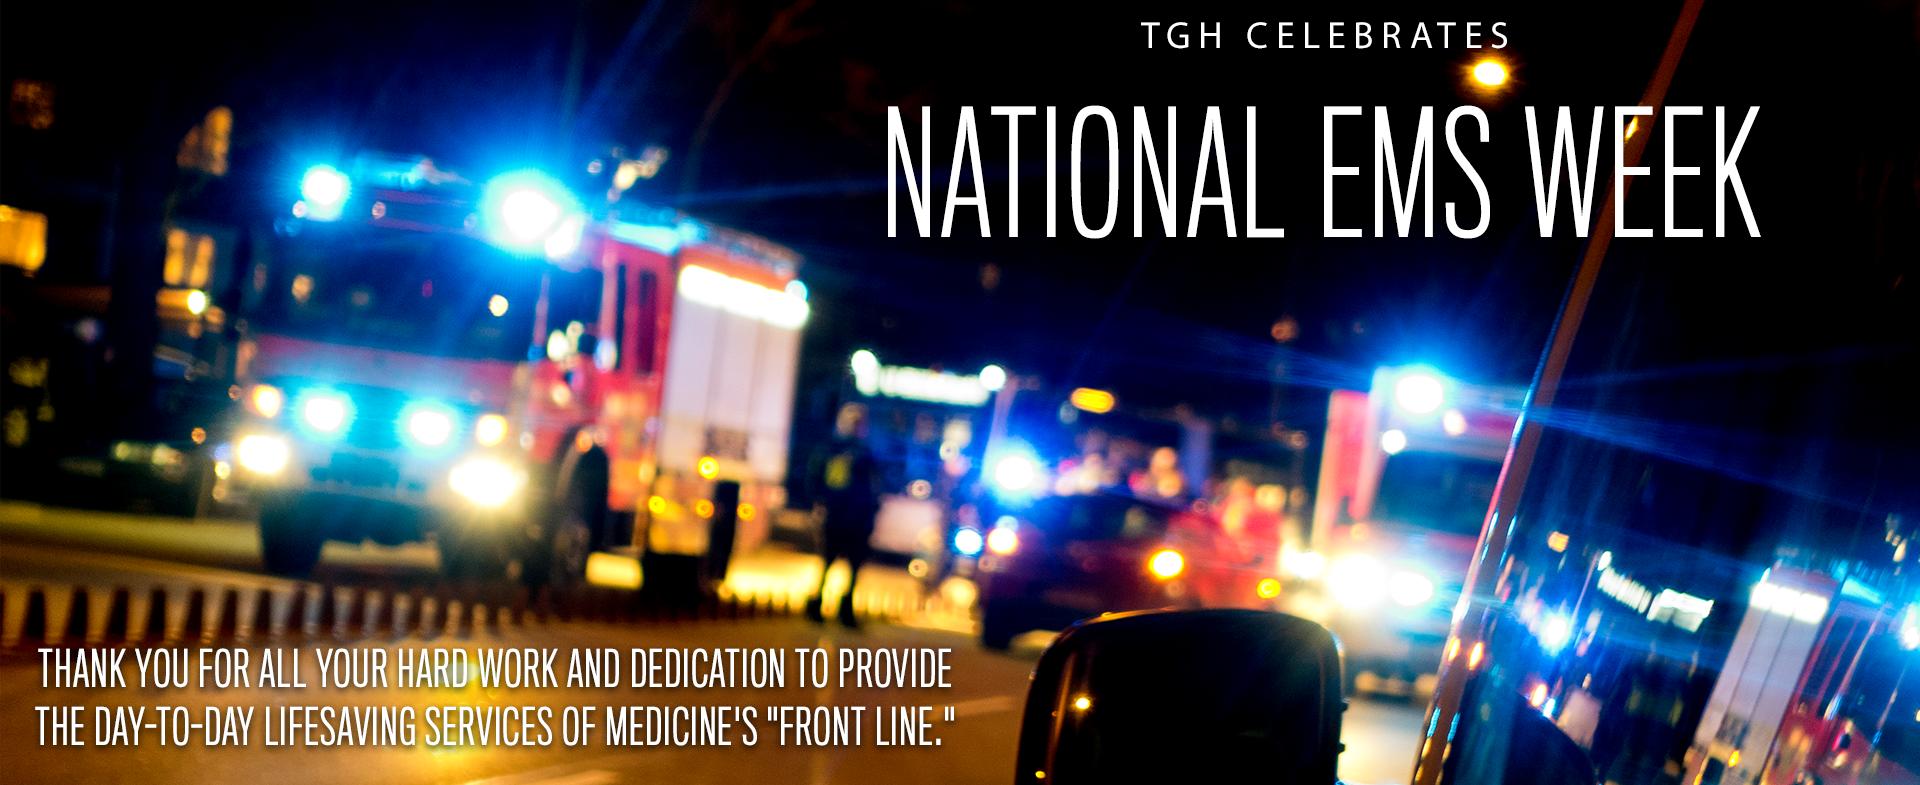 National EMS week